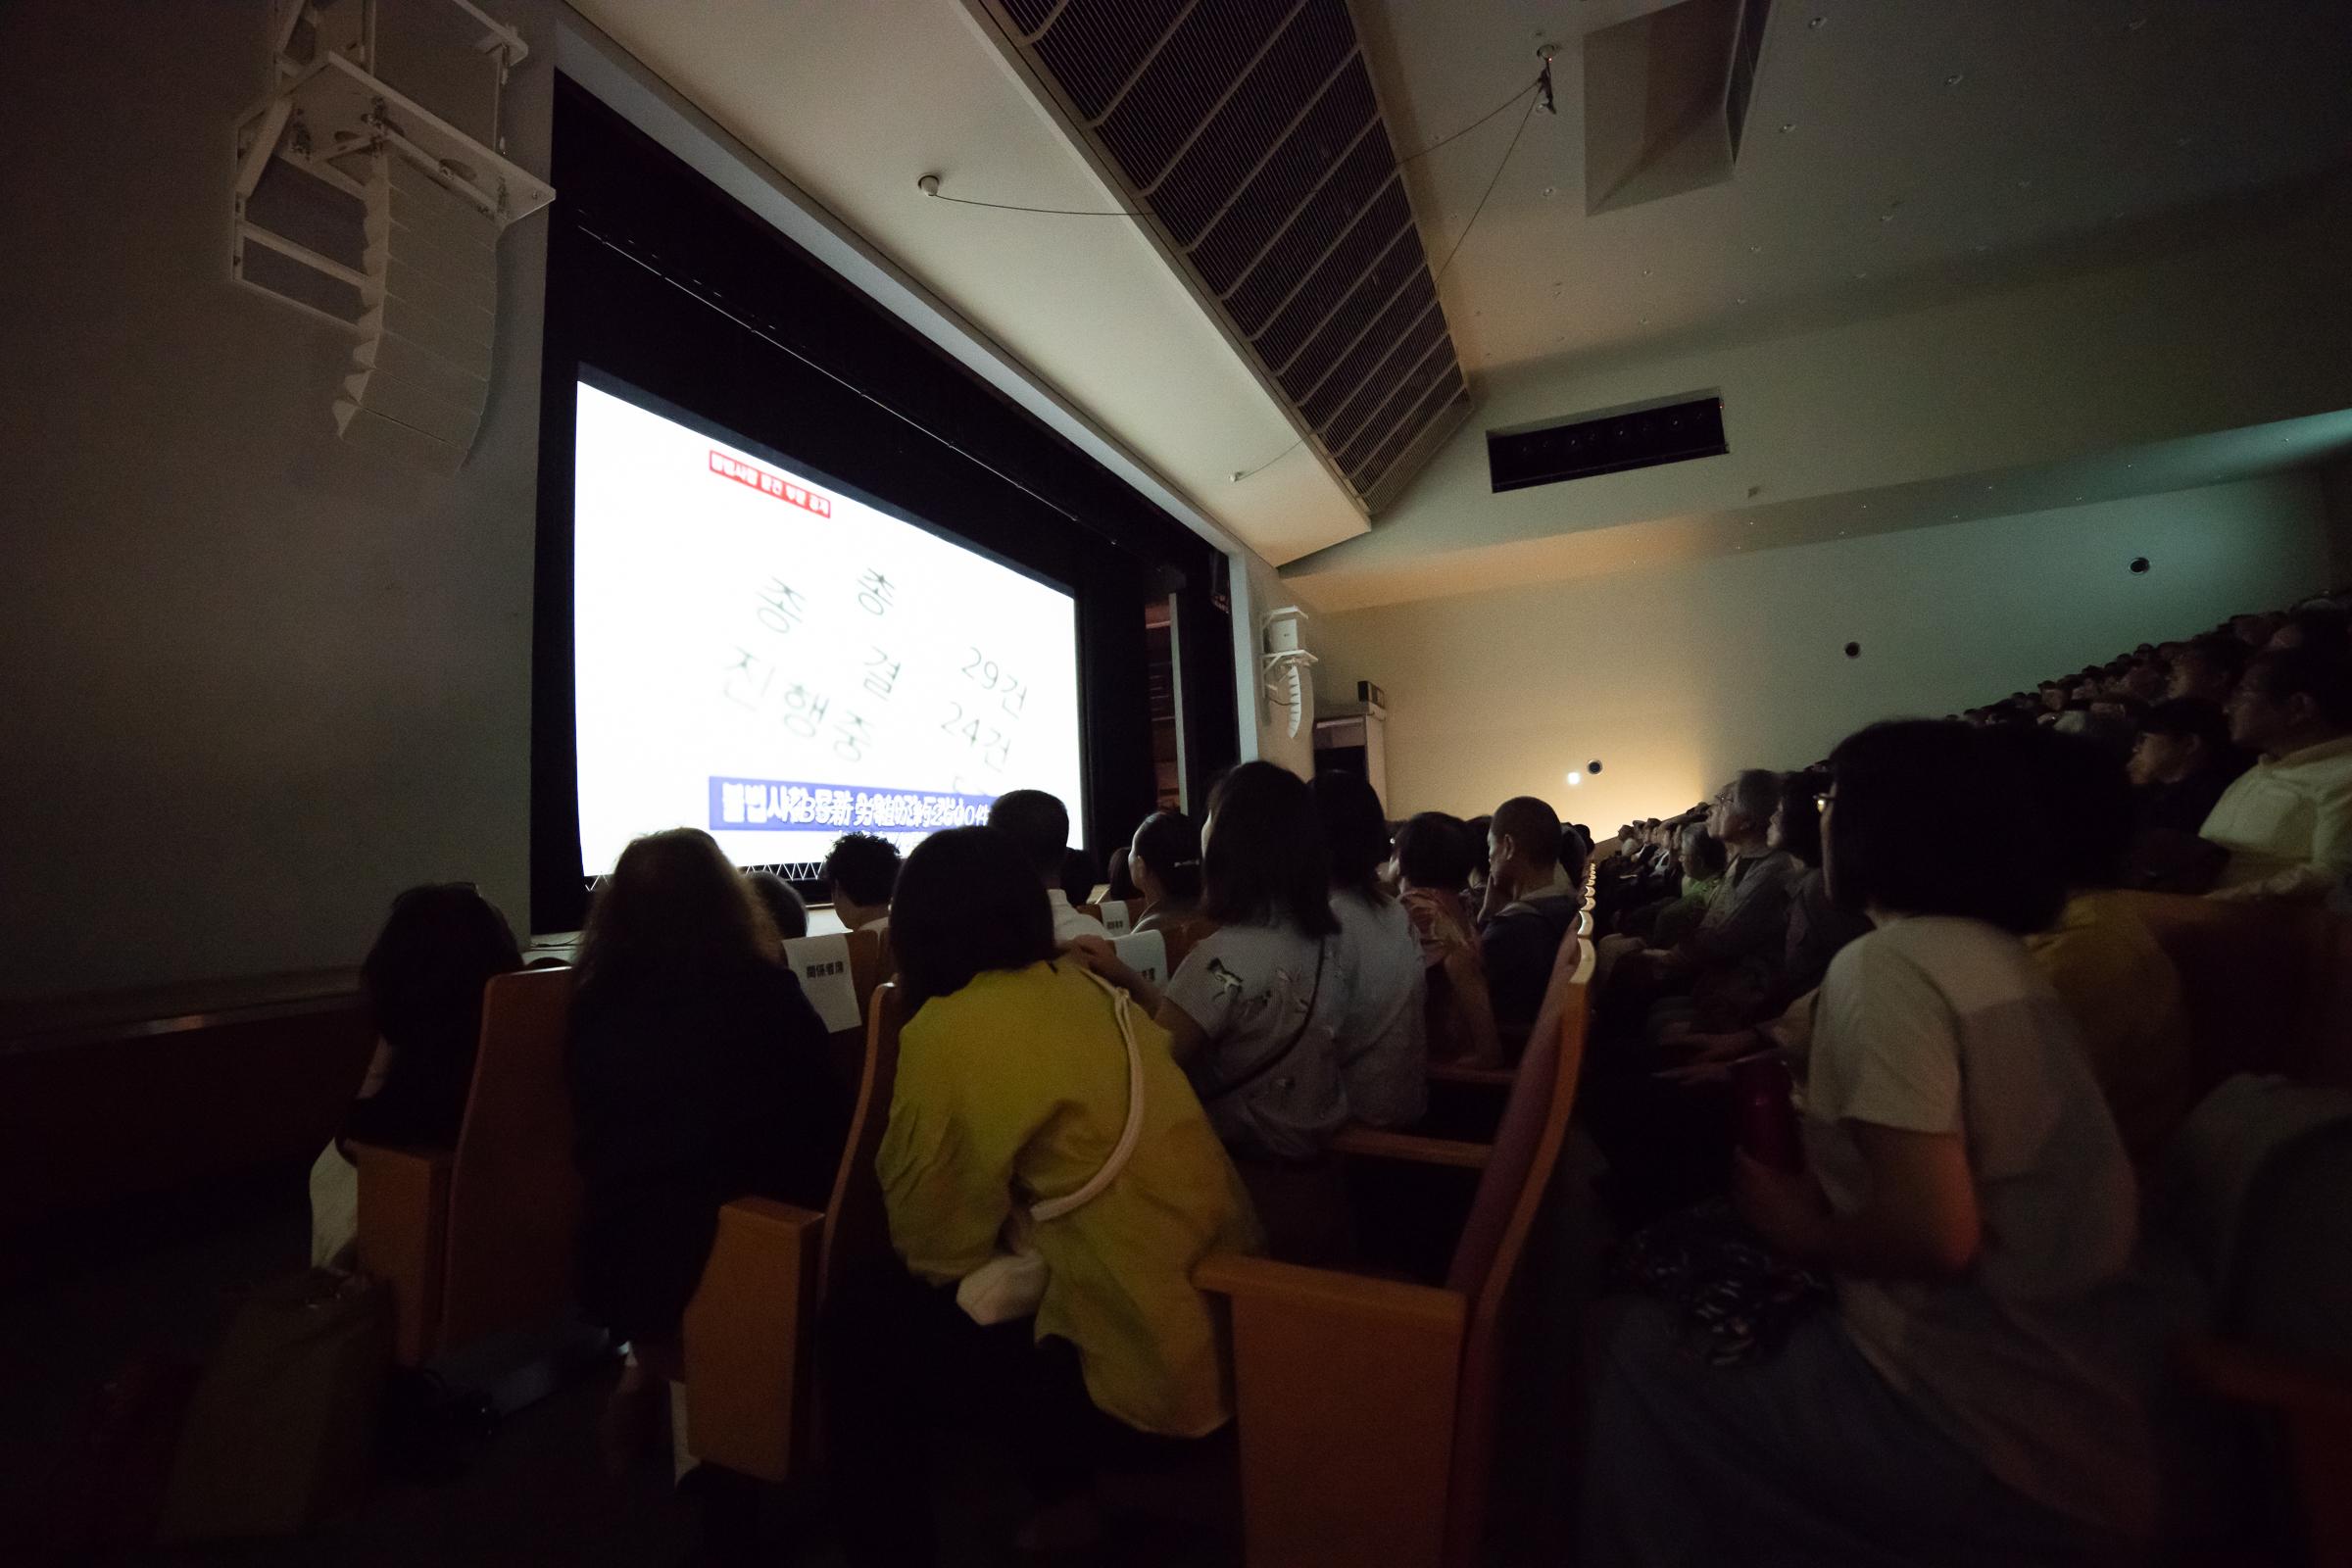 9일 오후 도쿄 나카노구 나카노제로홀에서 영화 <공범자들>을 관람하고 있는 일본인 관객들.